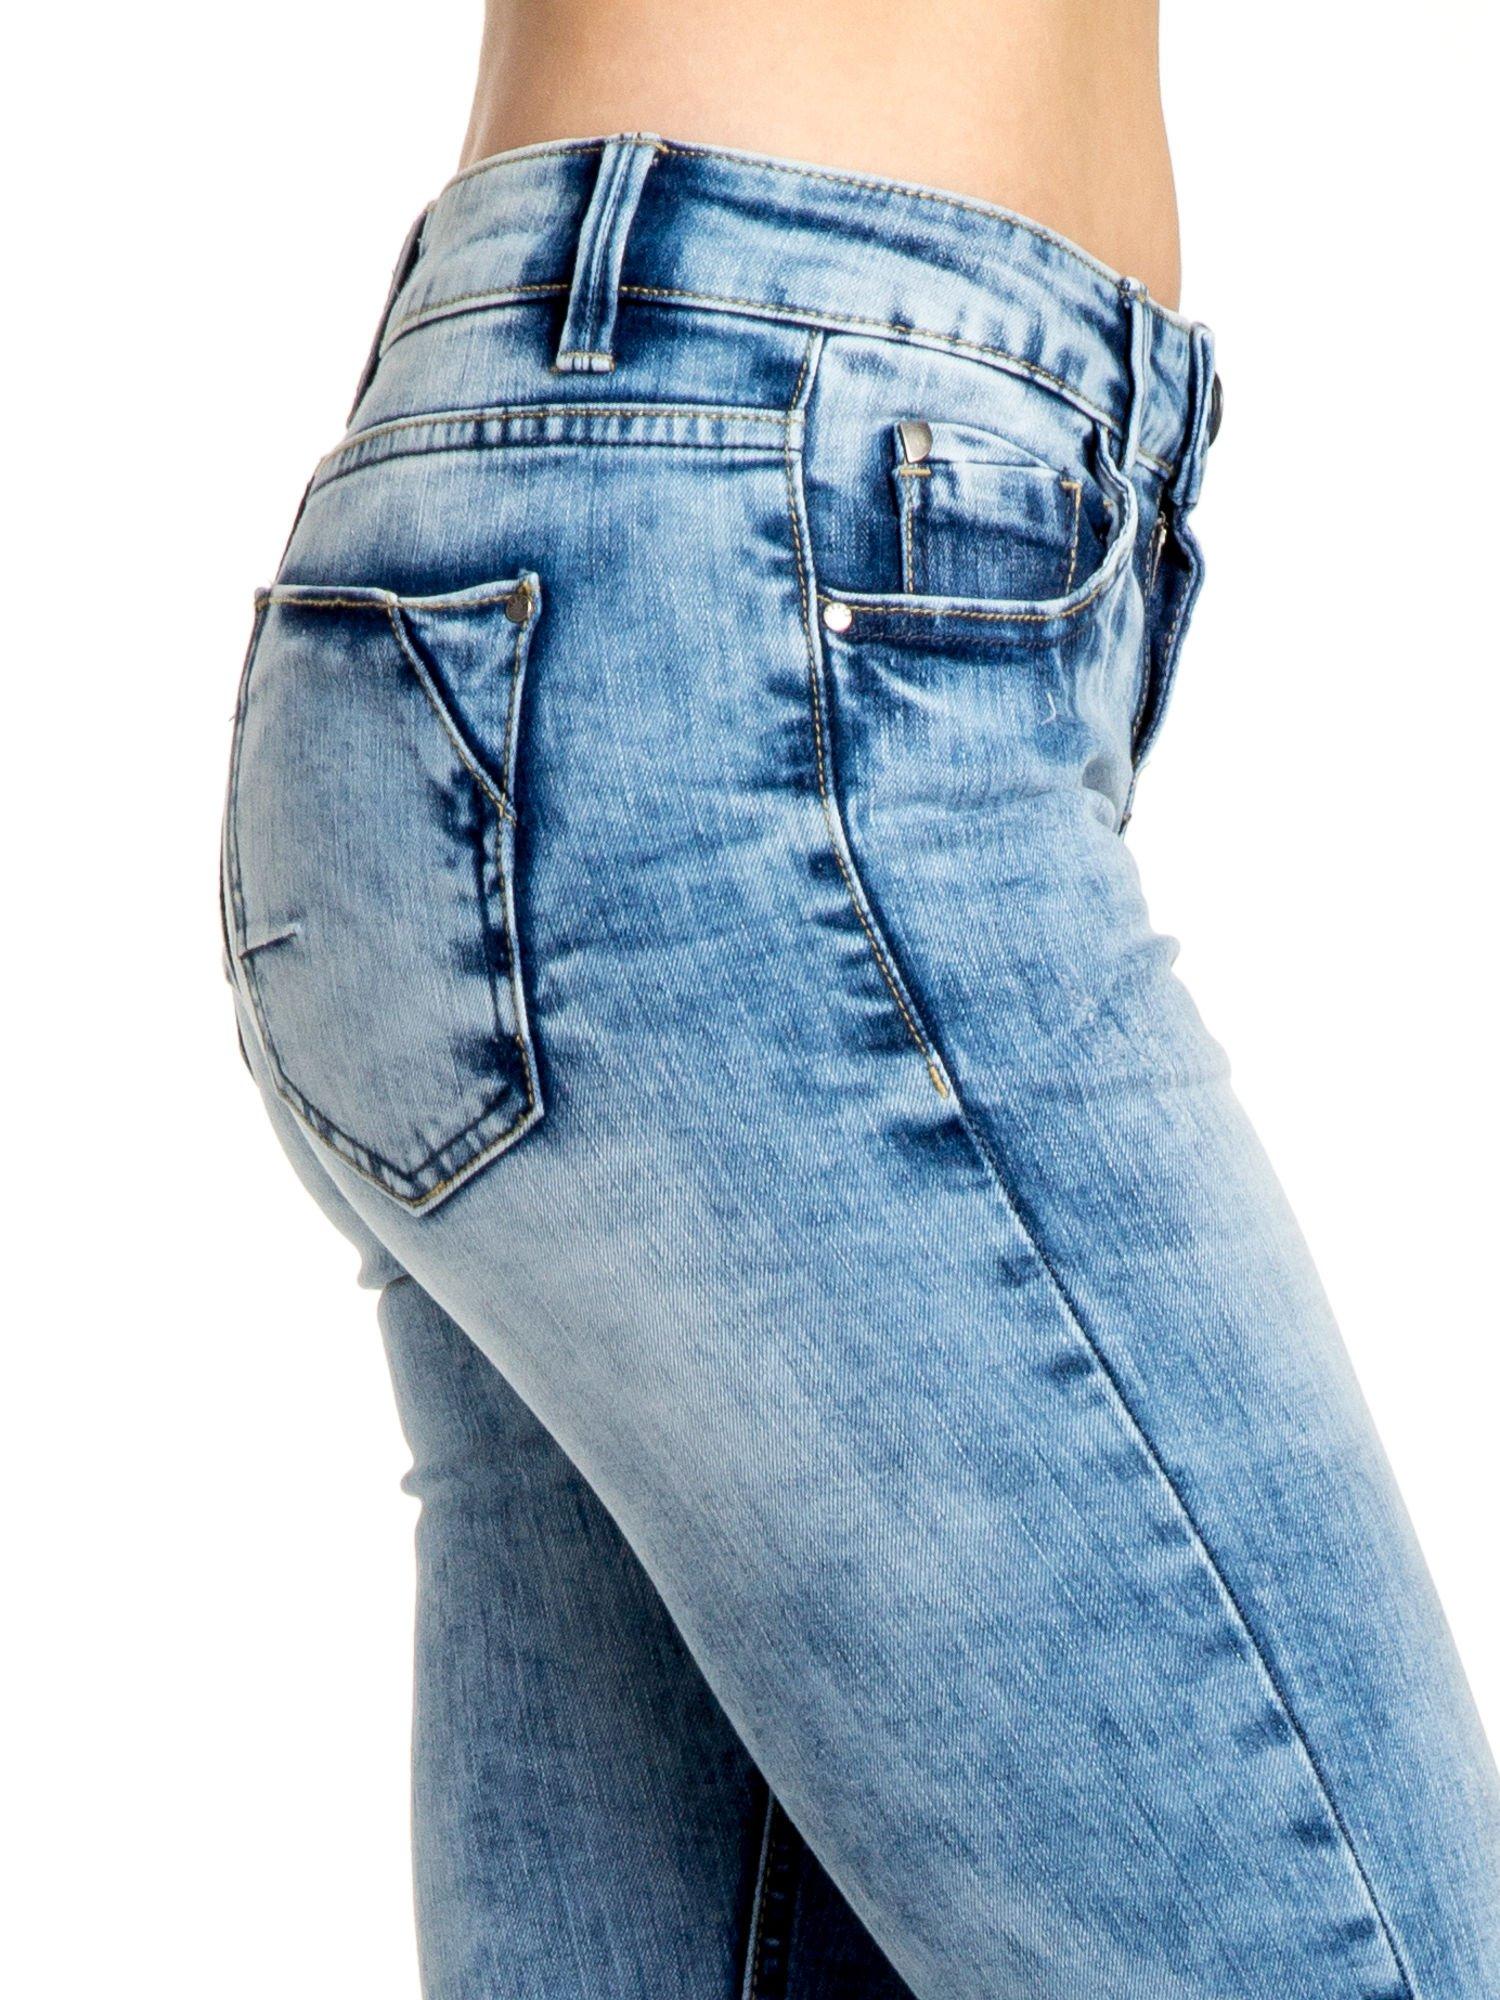 Niebieskie spodnie skinny jeans ripped knee                                  zdj.                                  4